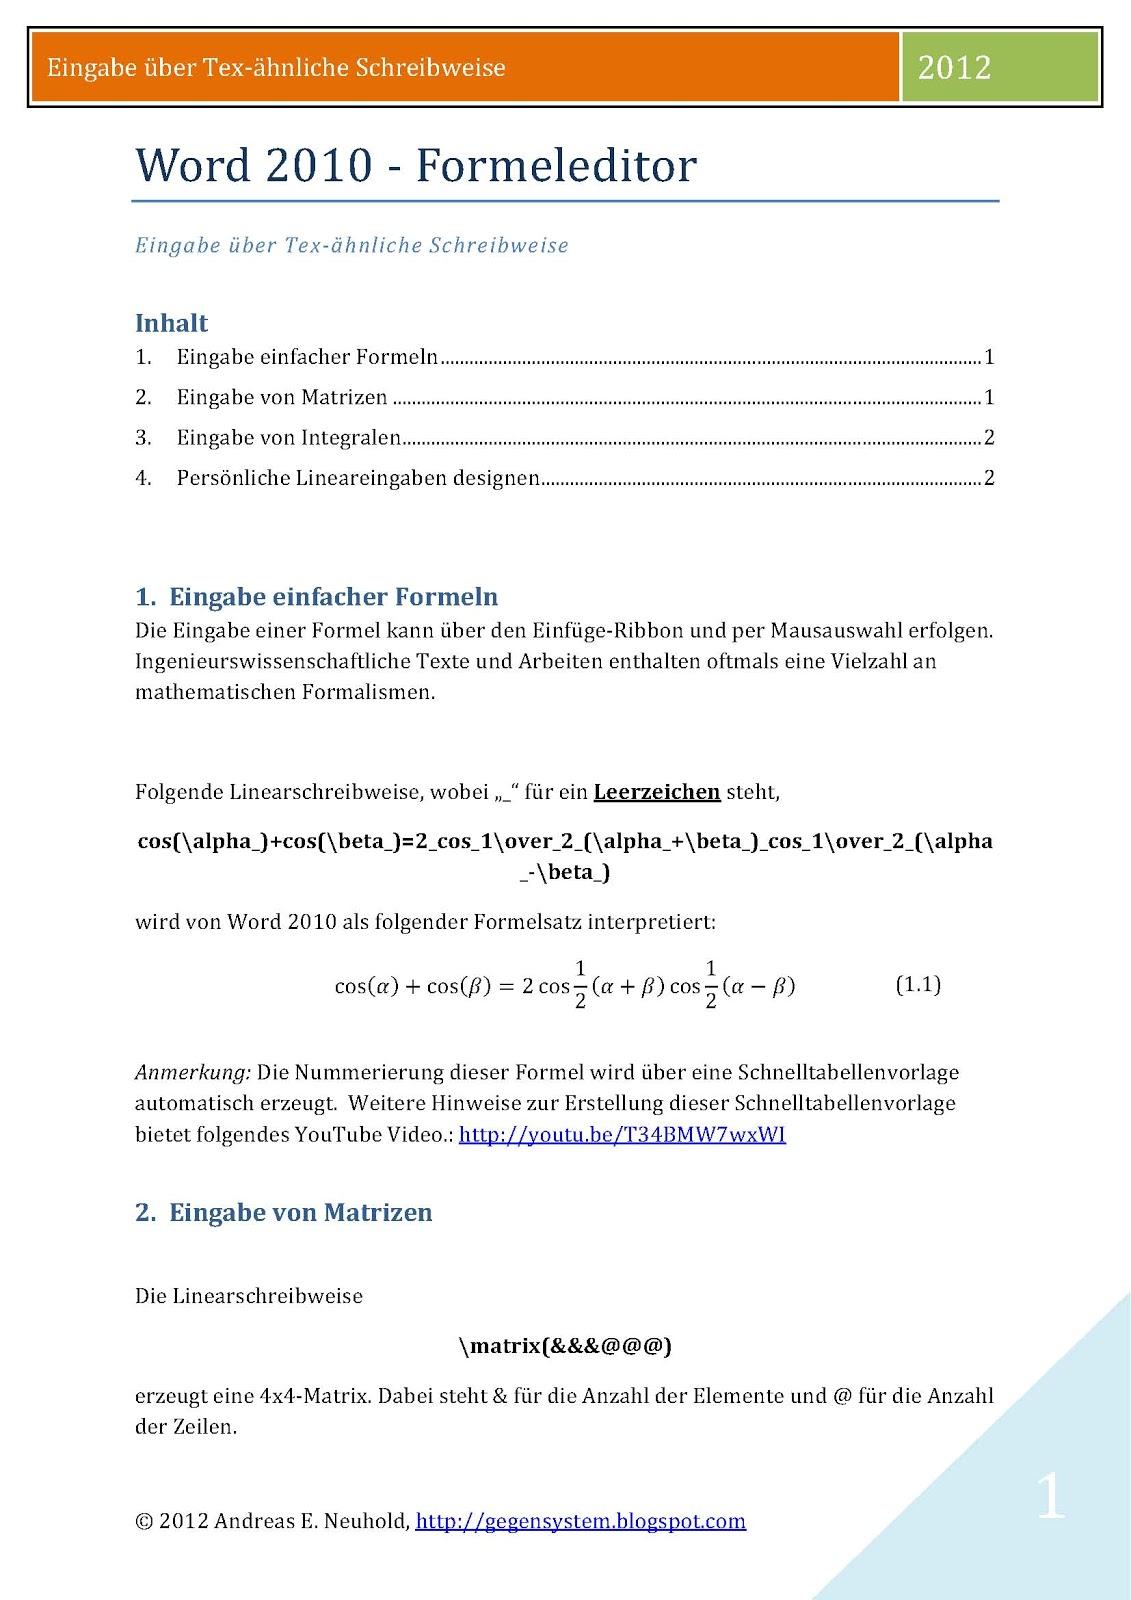 Fein Benutzerhandbuch Vorlage Wort Fotos - Entry Level Resume ...